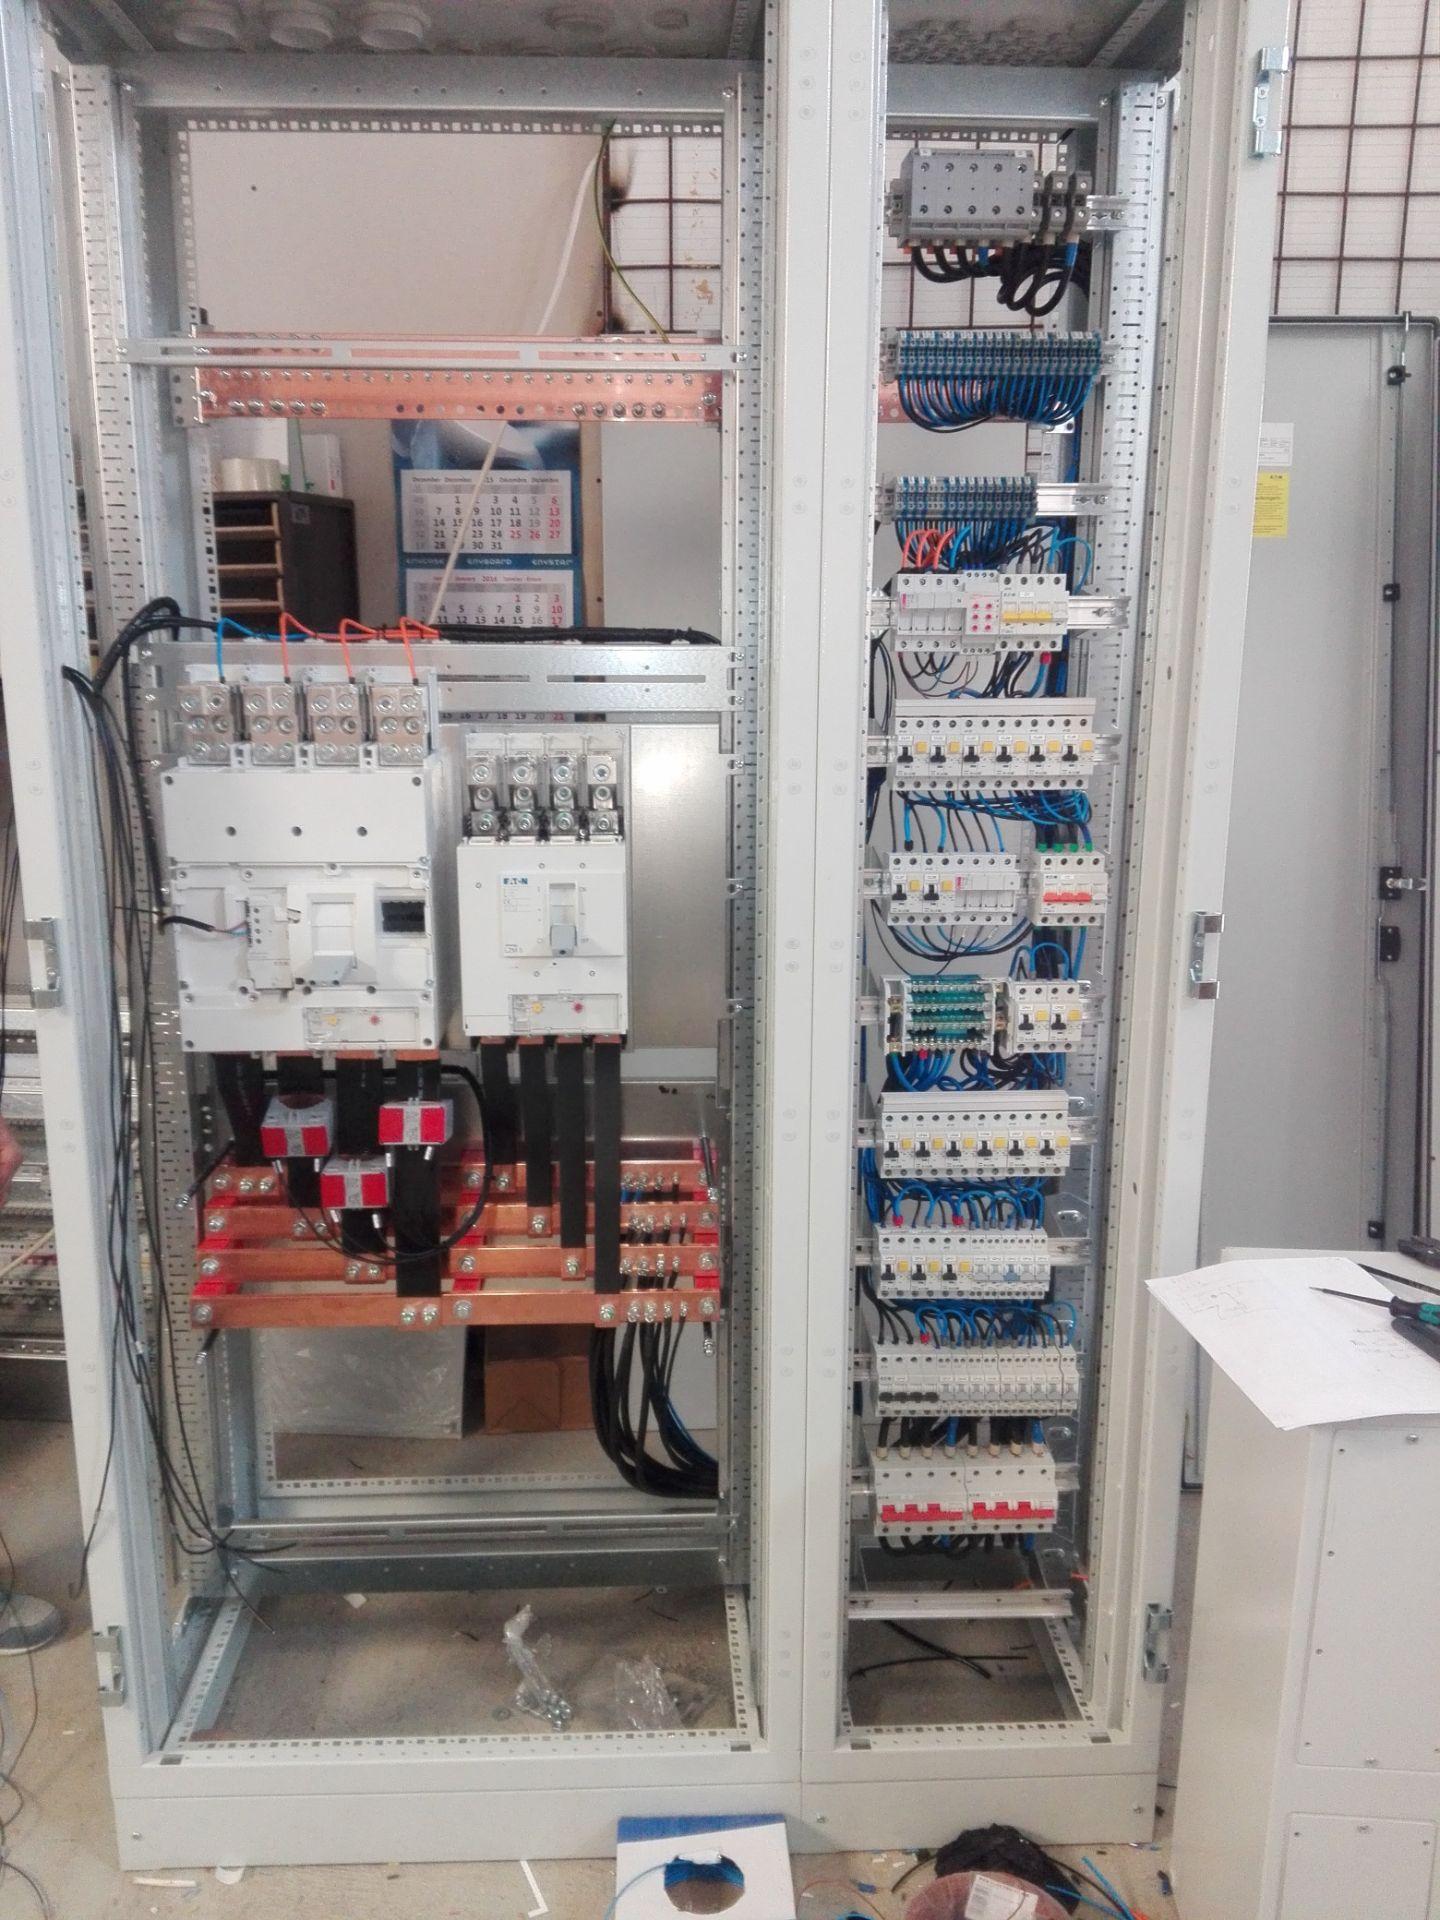 Tablouri electrice și automatizări IMG 20160402 103120